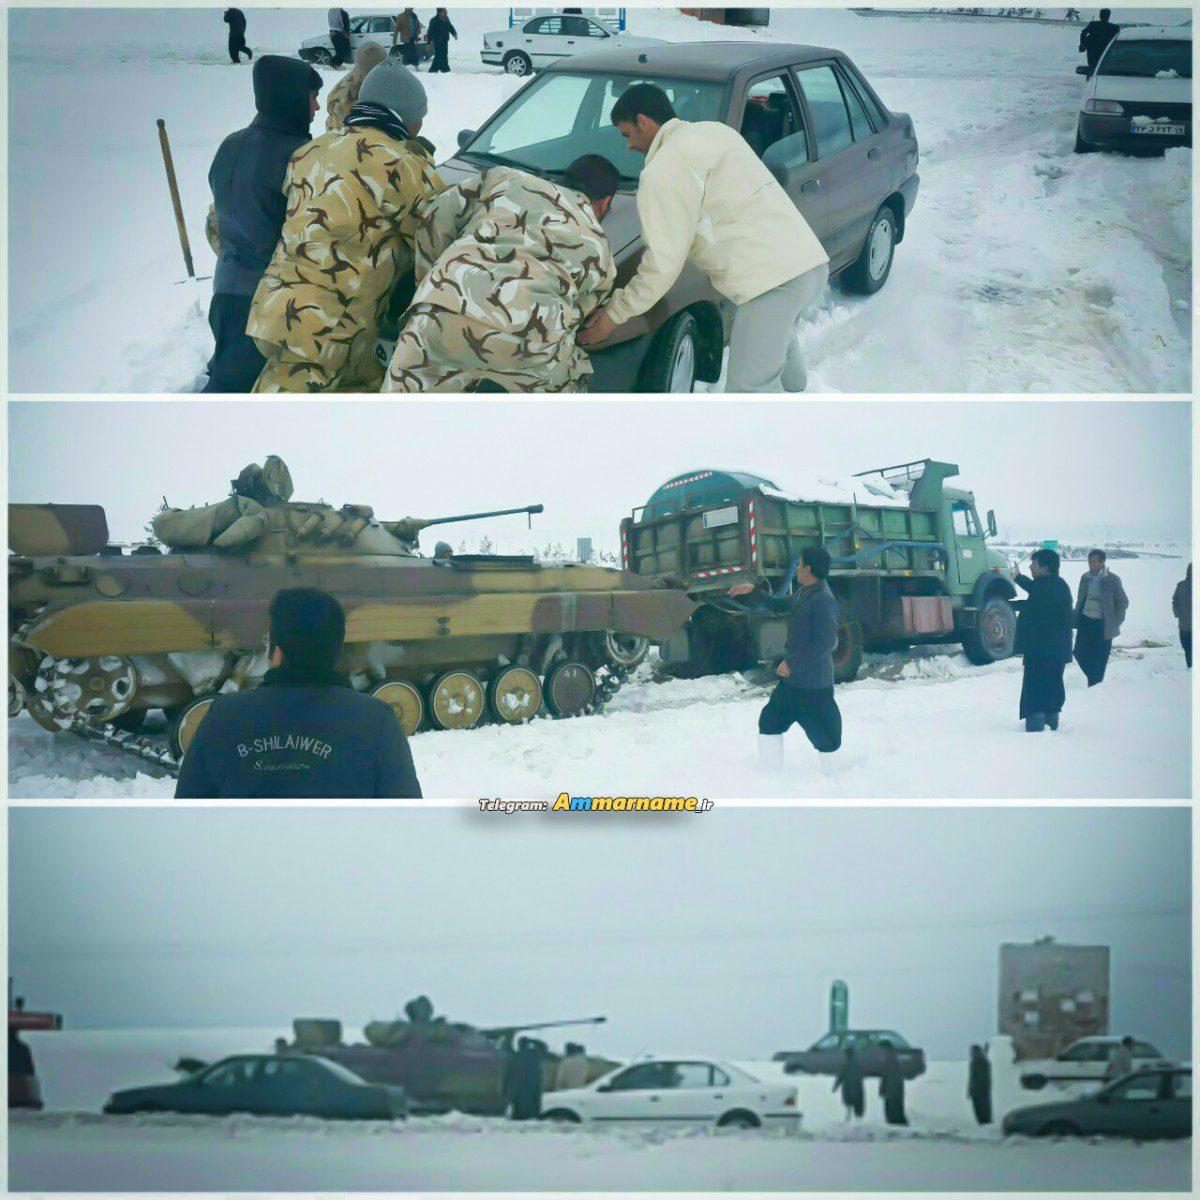 فوری | اعزام تانک و نفربرهای ارتش به جاده اسلام آباد غرب + فیلم و عکس